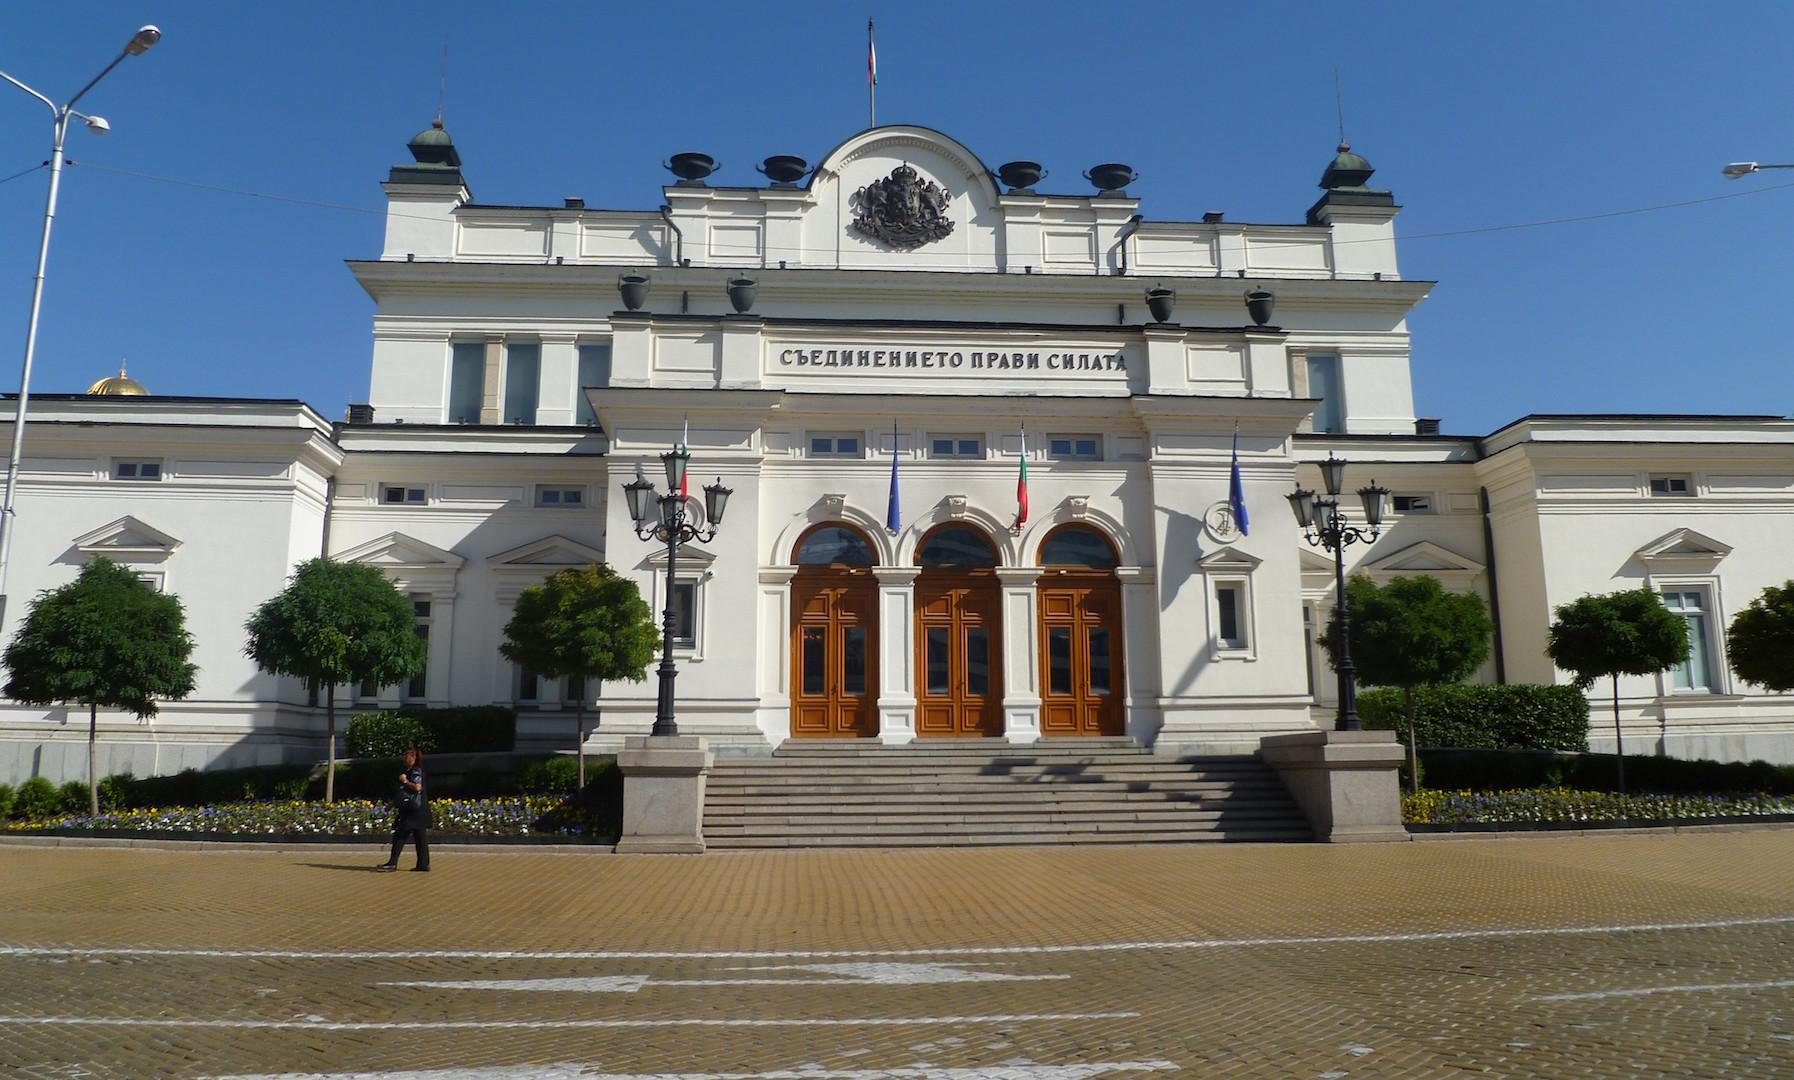 Βουλγαρία: Ανακοινώθηκαν οι έδρες των κομμάτων. GERB 75, ΥΤΛ 51, BSP 43, MRF 30, ΔΒ 27 και «Σήκω Πάνω» 14